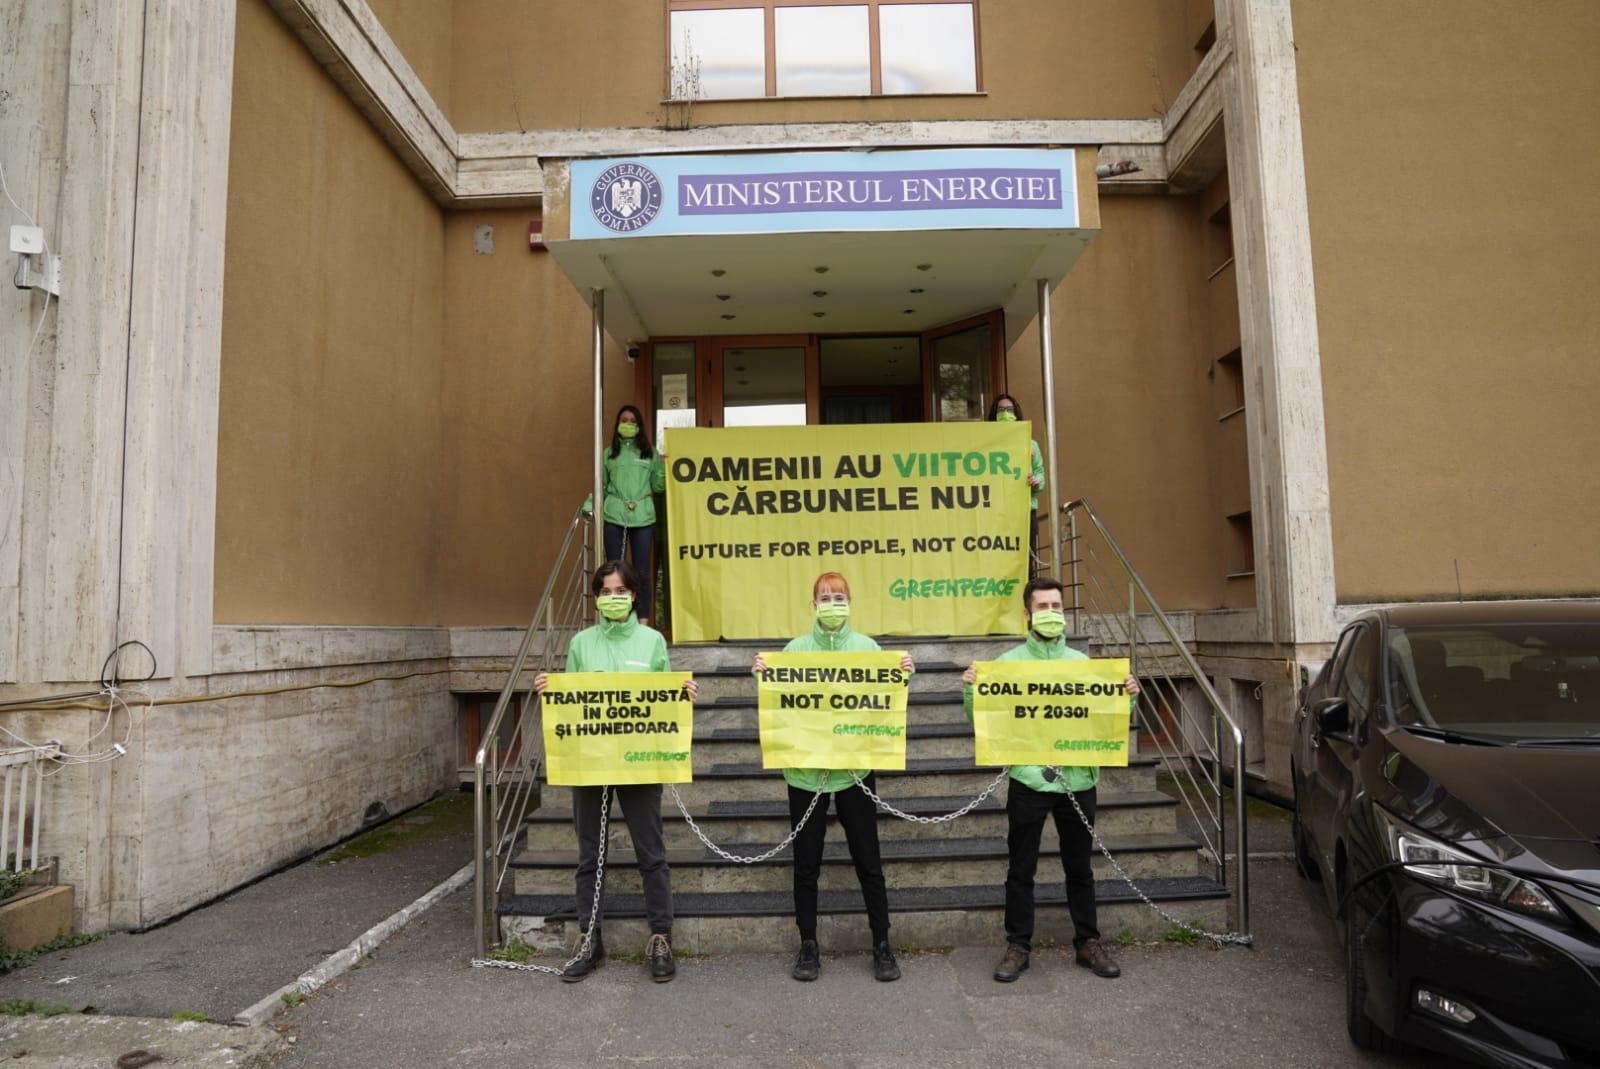 Blocadă Greenpeace la Ministerul Energiei